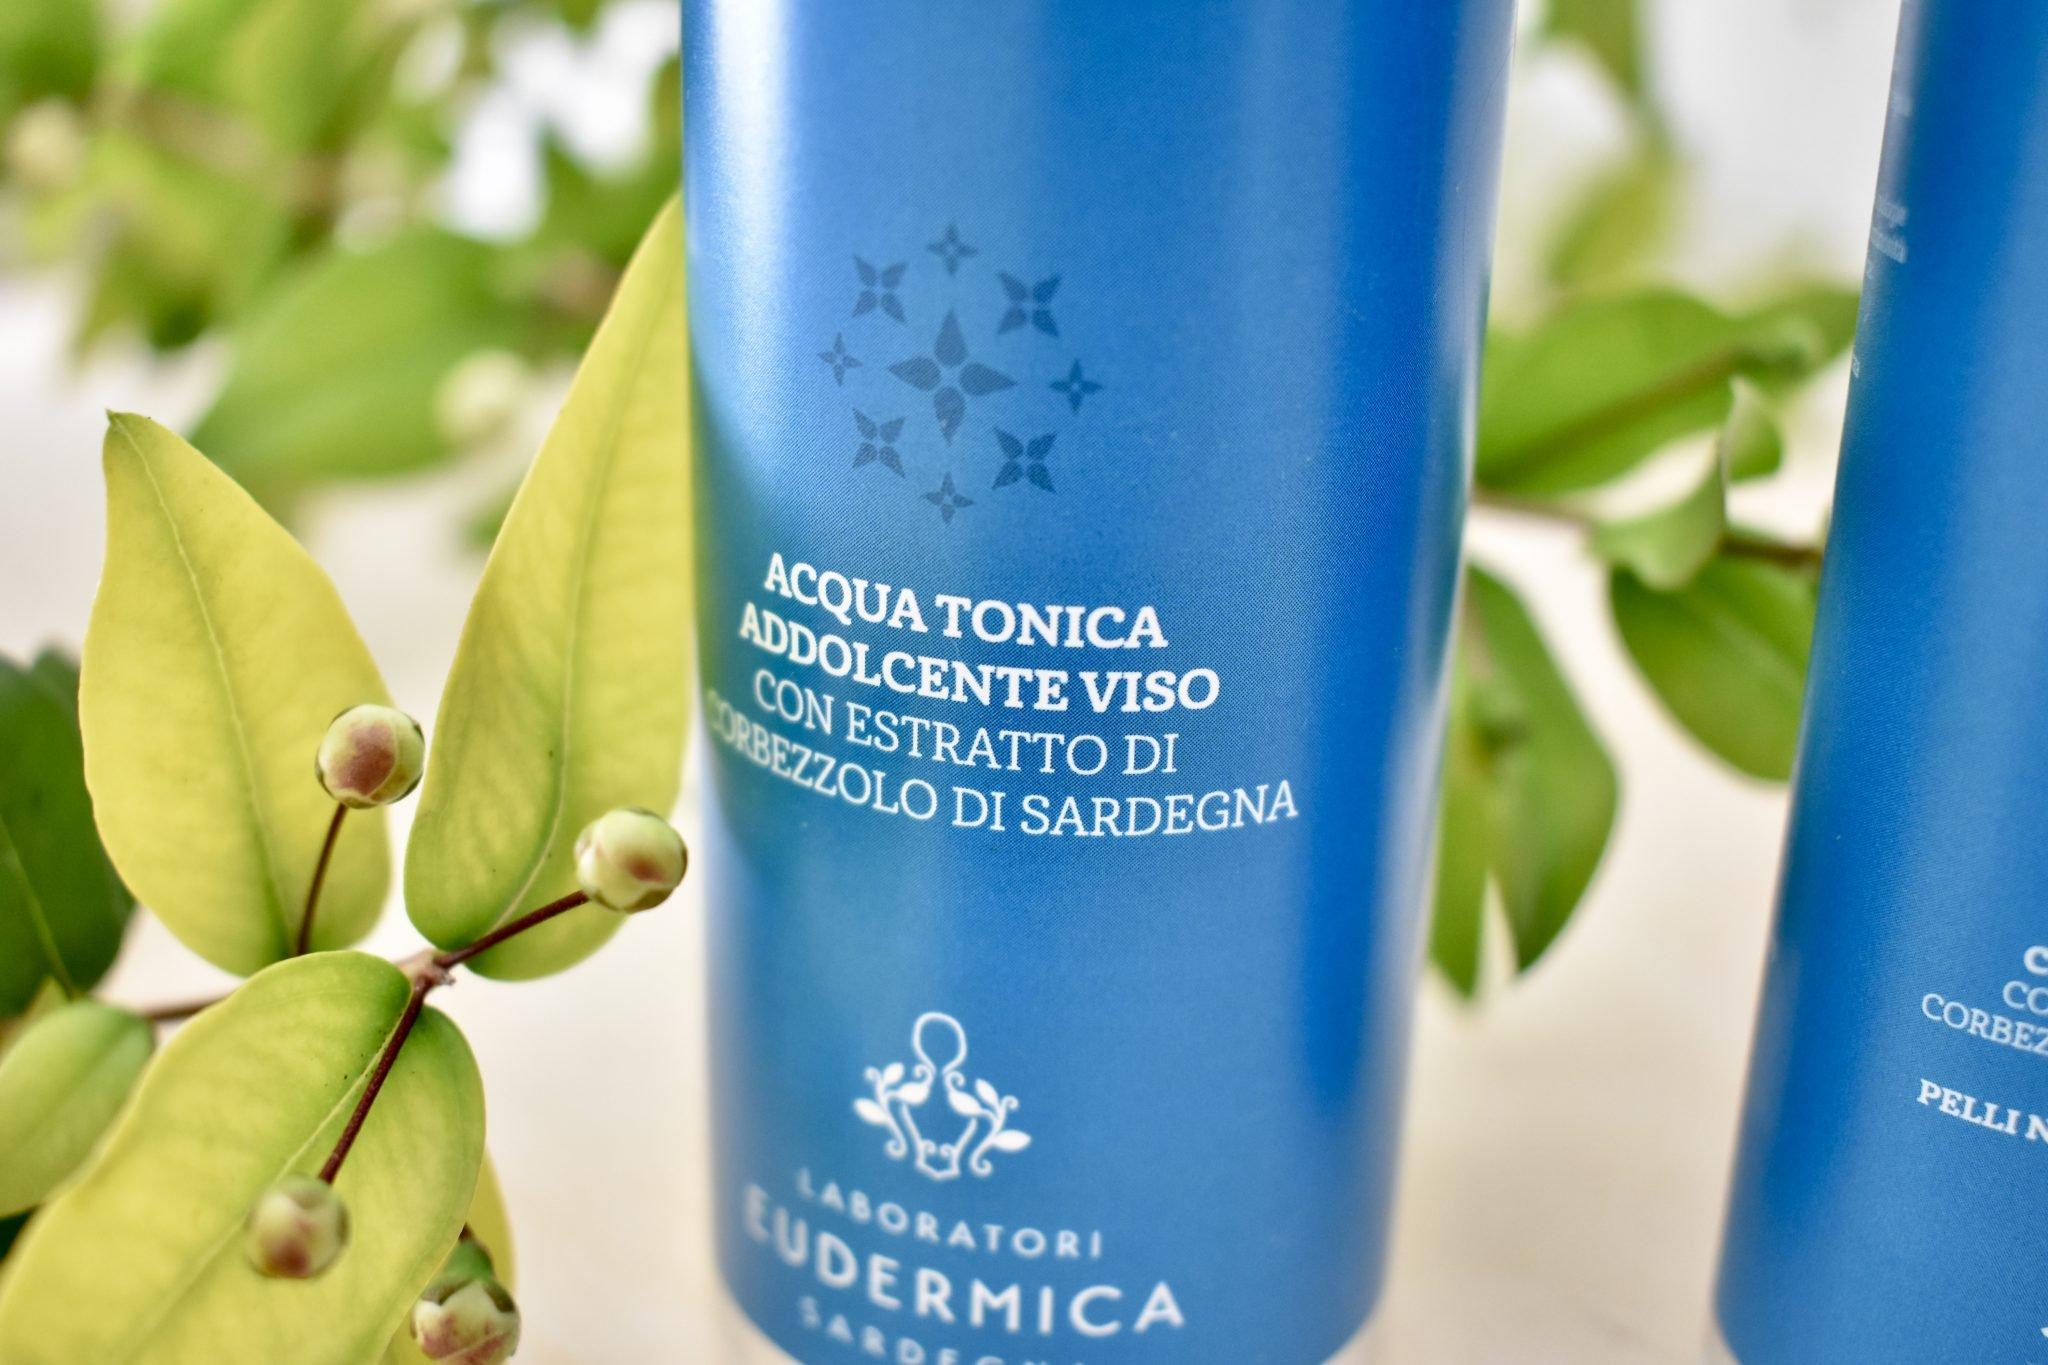 Acqua tonica - Laboratori eudermica - Le Plume